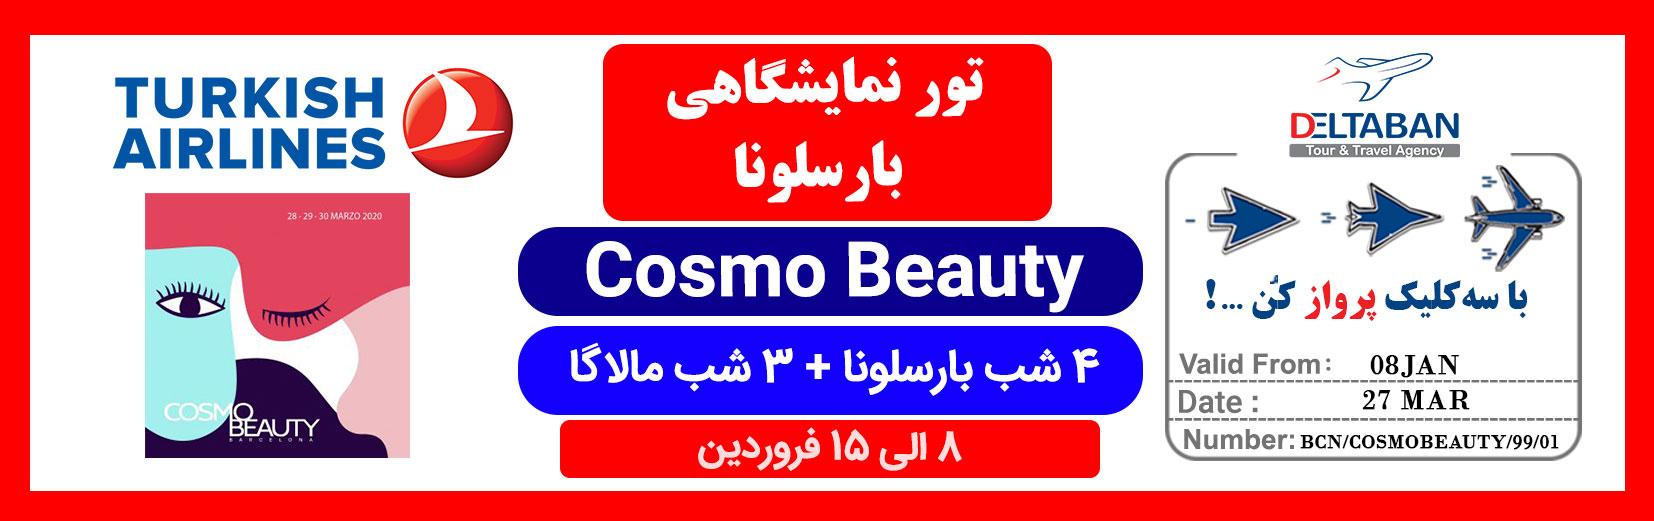 """تور نمایشگاهی اسپانیا """"Cosmo Beauty"""""""